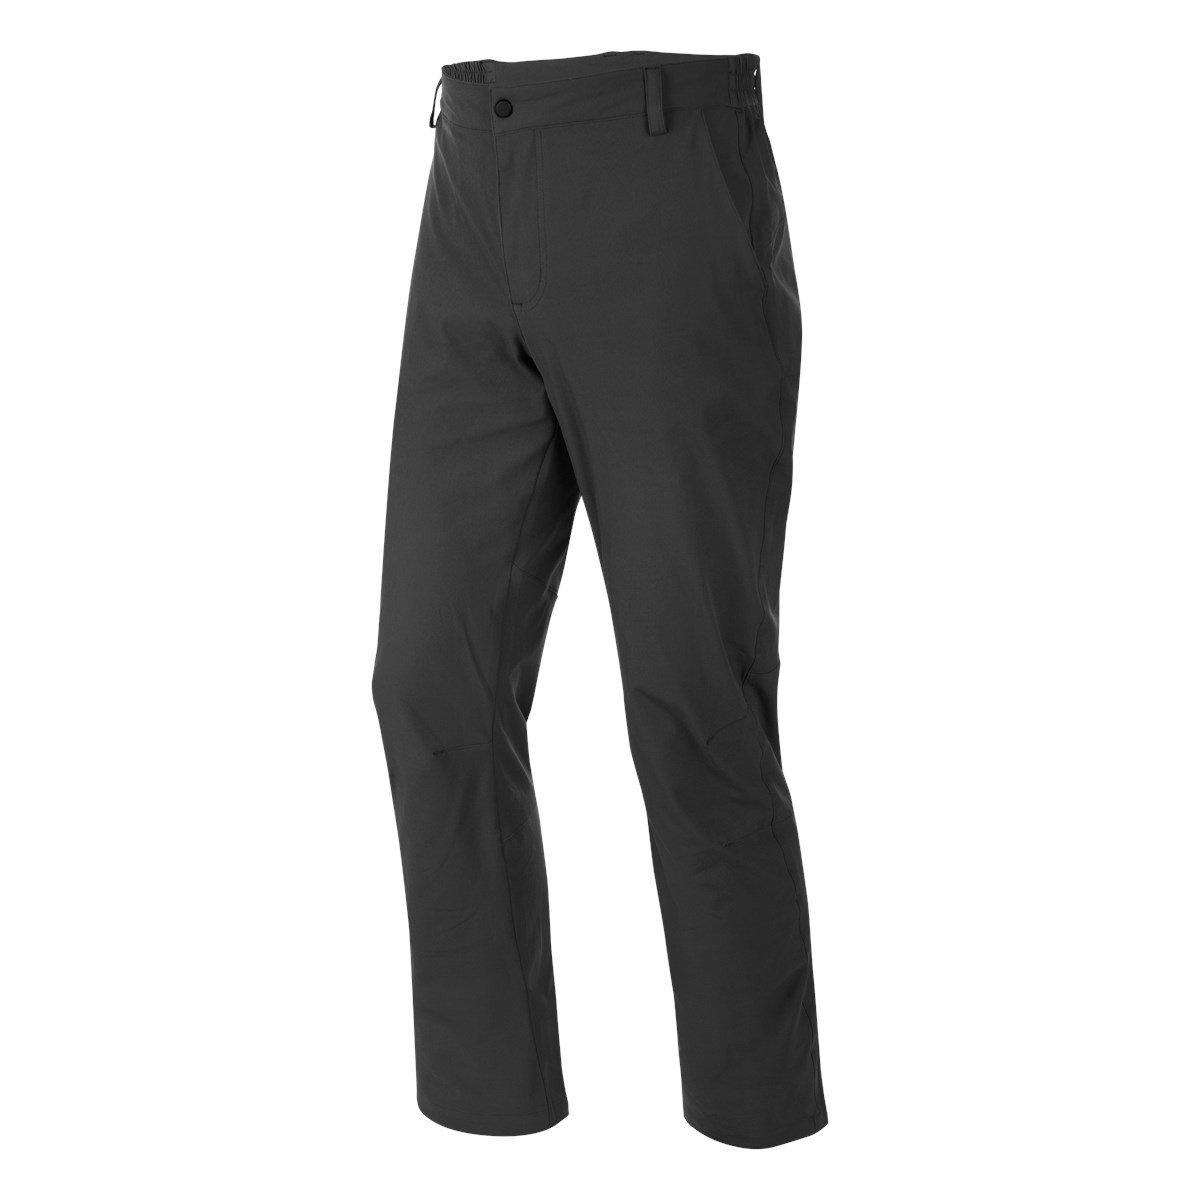 Salewa Puez DST M Lon - Hose für Herren, Farbe Schwarz, Größe 106